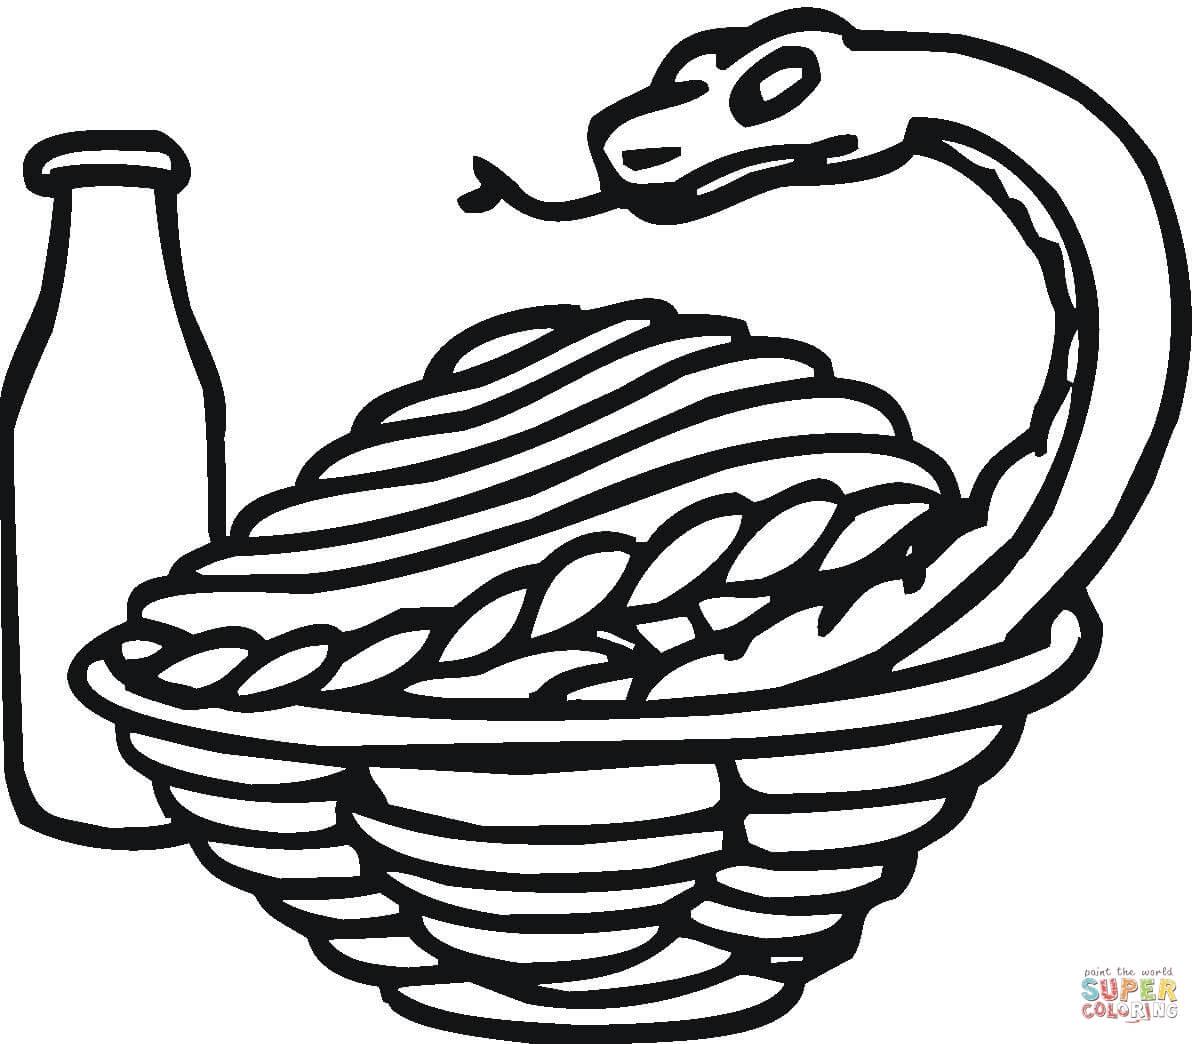 Dibujo De Una Cobra Real Para Colorear